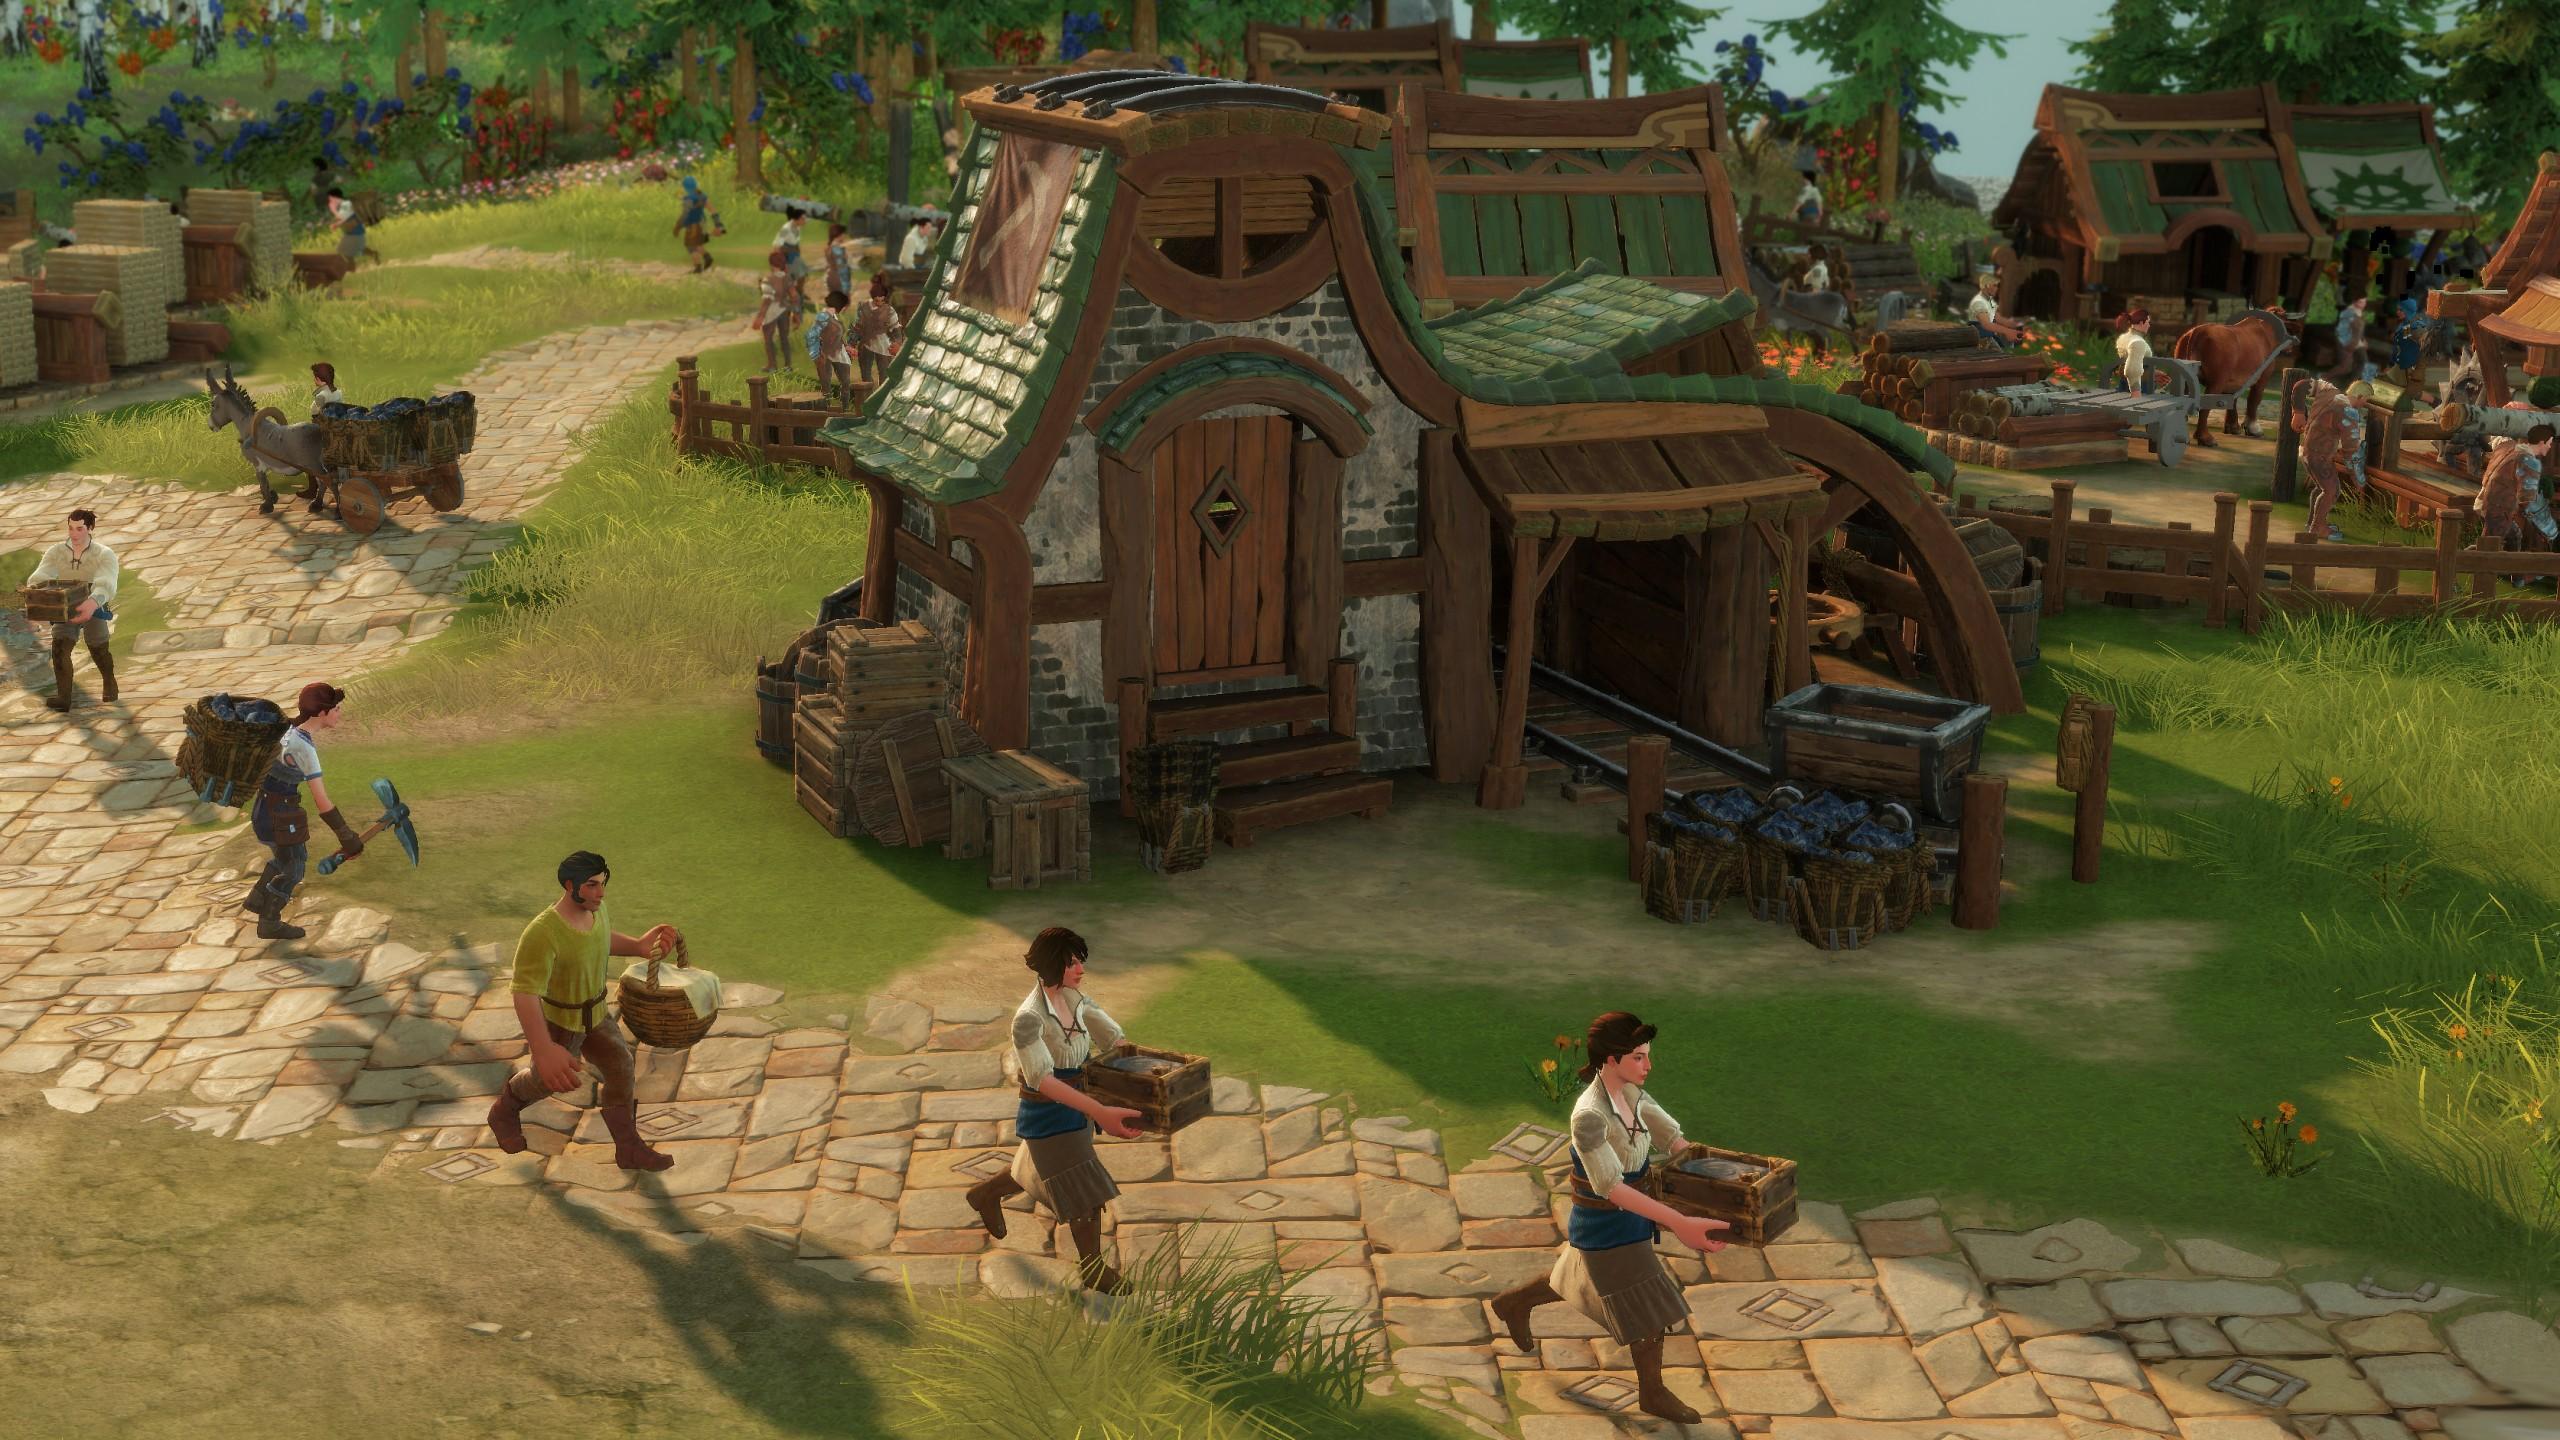 Wallpaper The Settlers 2019 Gamescom 2018 Screenshot 4k